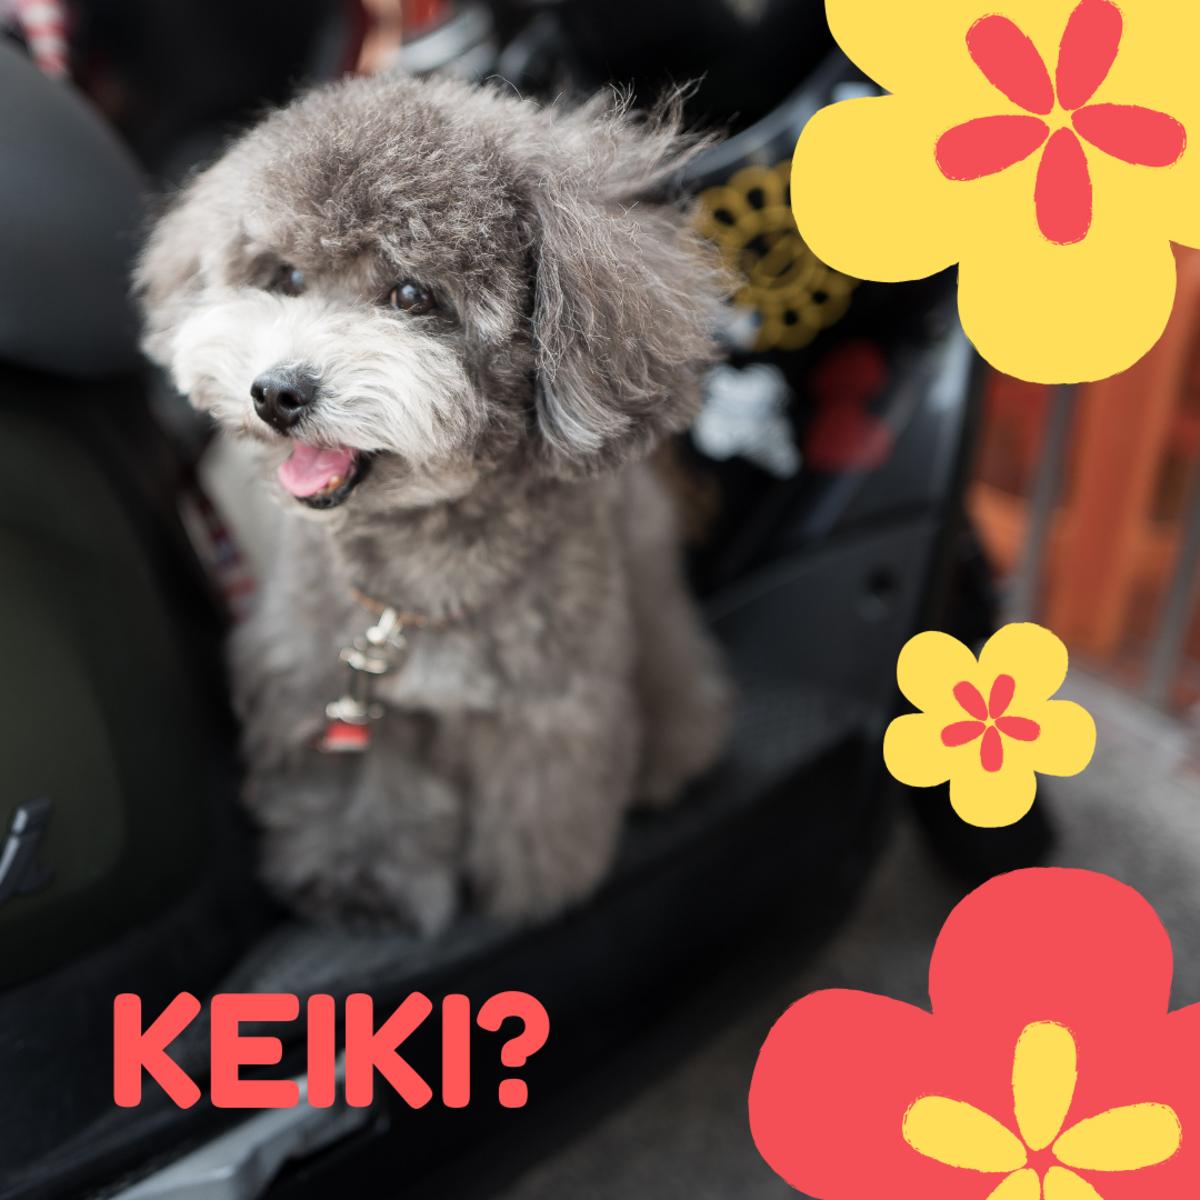 Is she a Keiki?